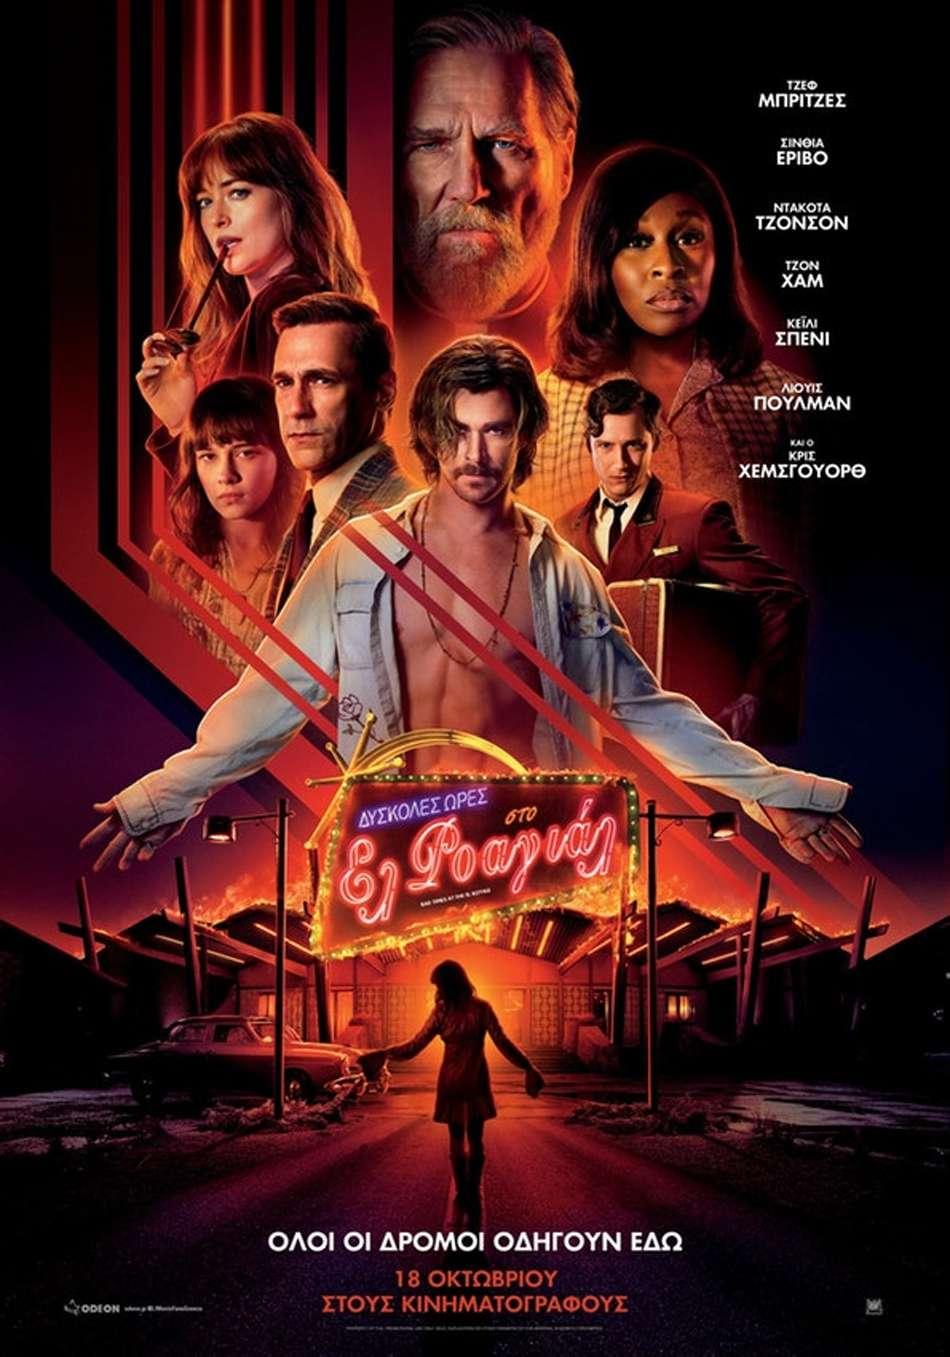 Δύσκολες Ώρες Στο Ελ Ροαγιάλ (Bad Times at the El Royale) Poster Πόστερ